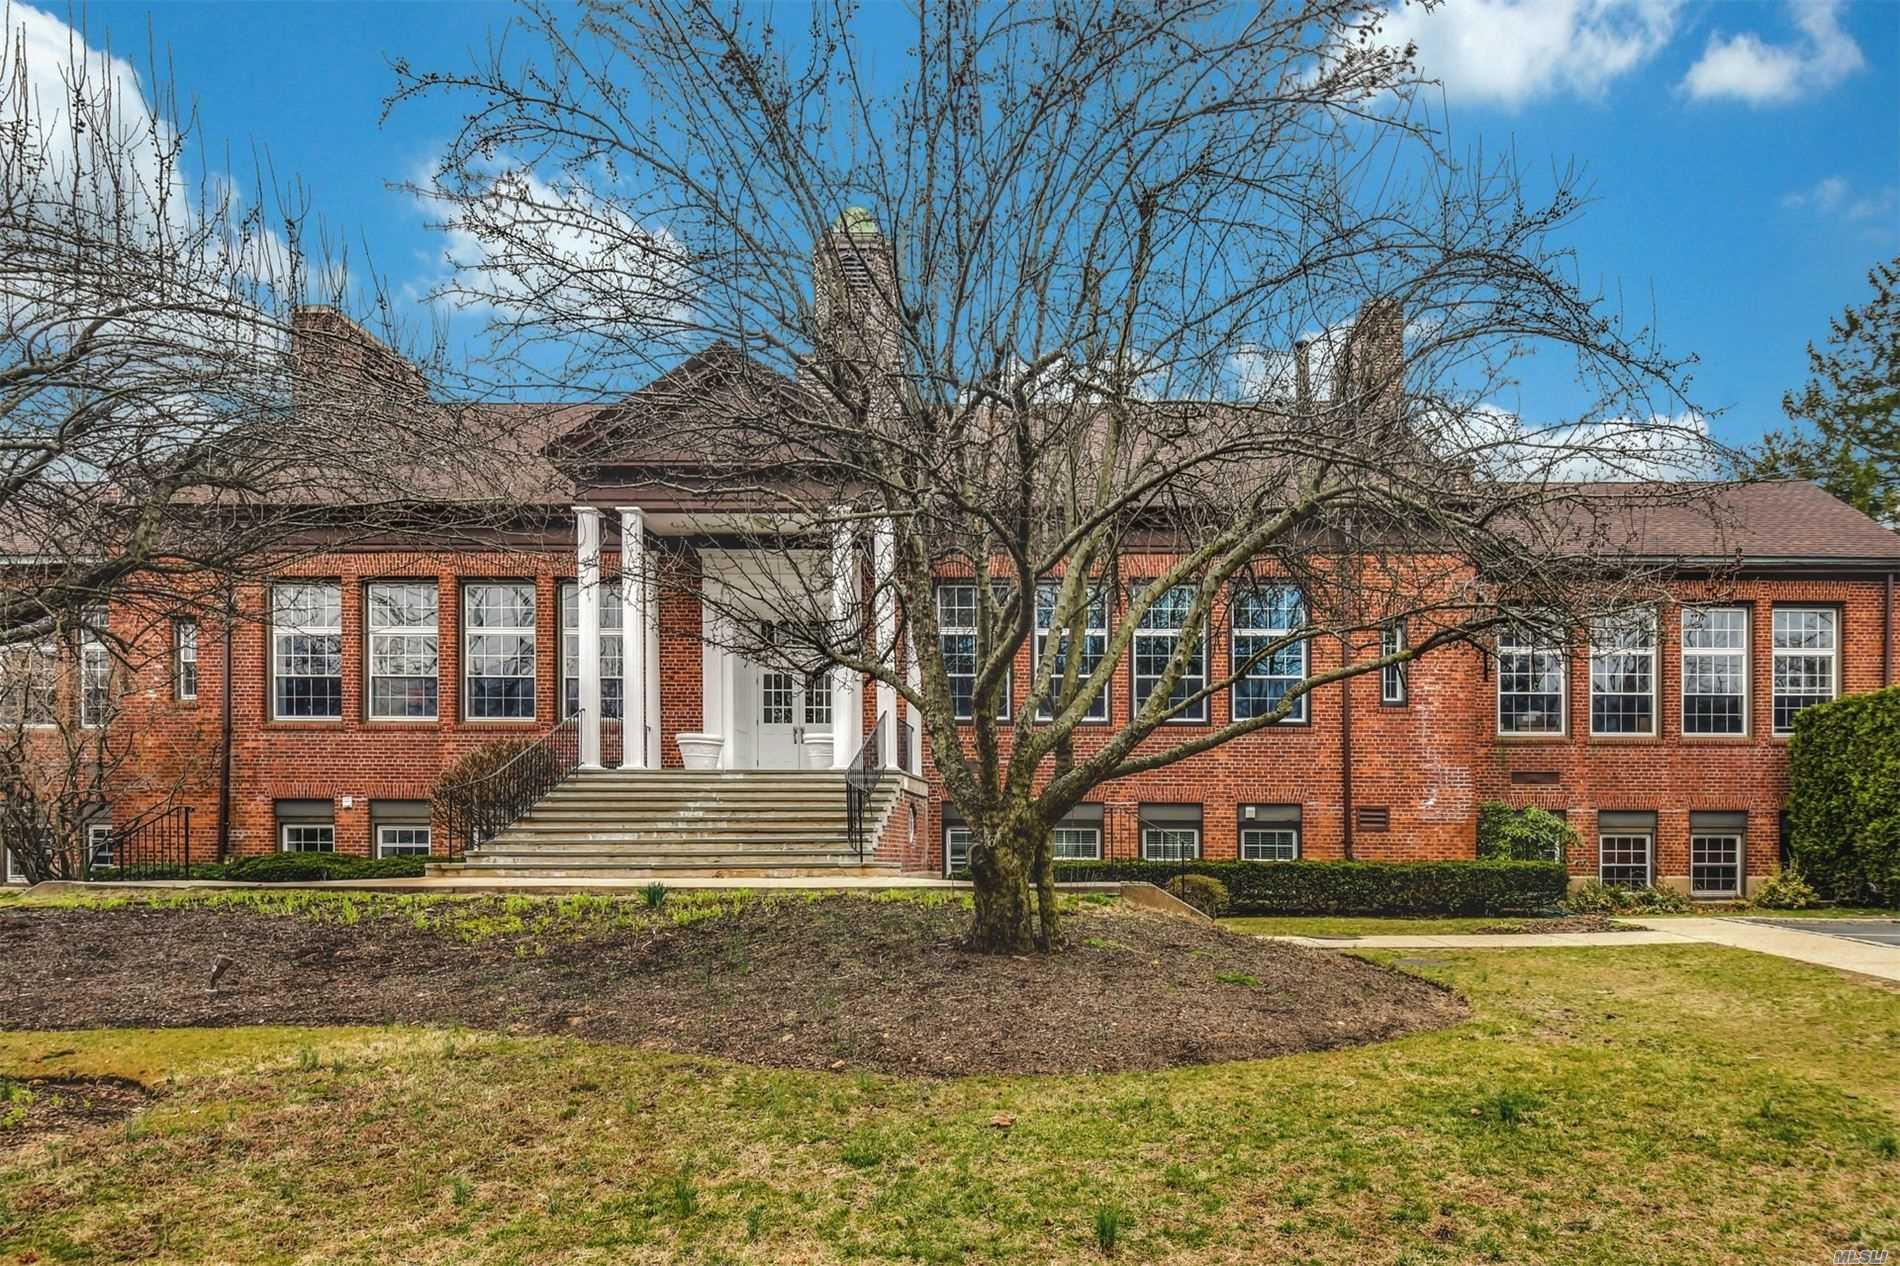 Property for sale at 69 Bay Avenue # F, Huntington NY 11743, Huntington,  New York 11743